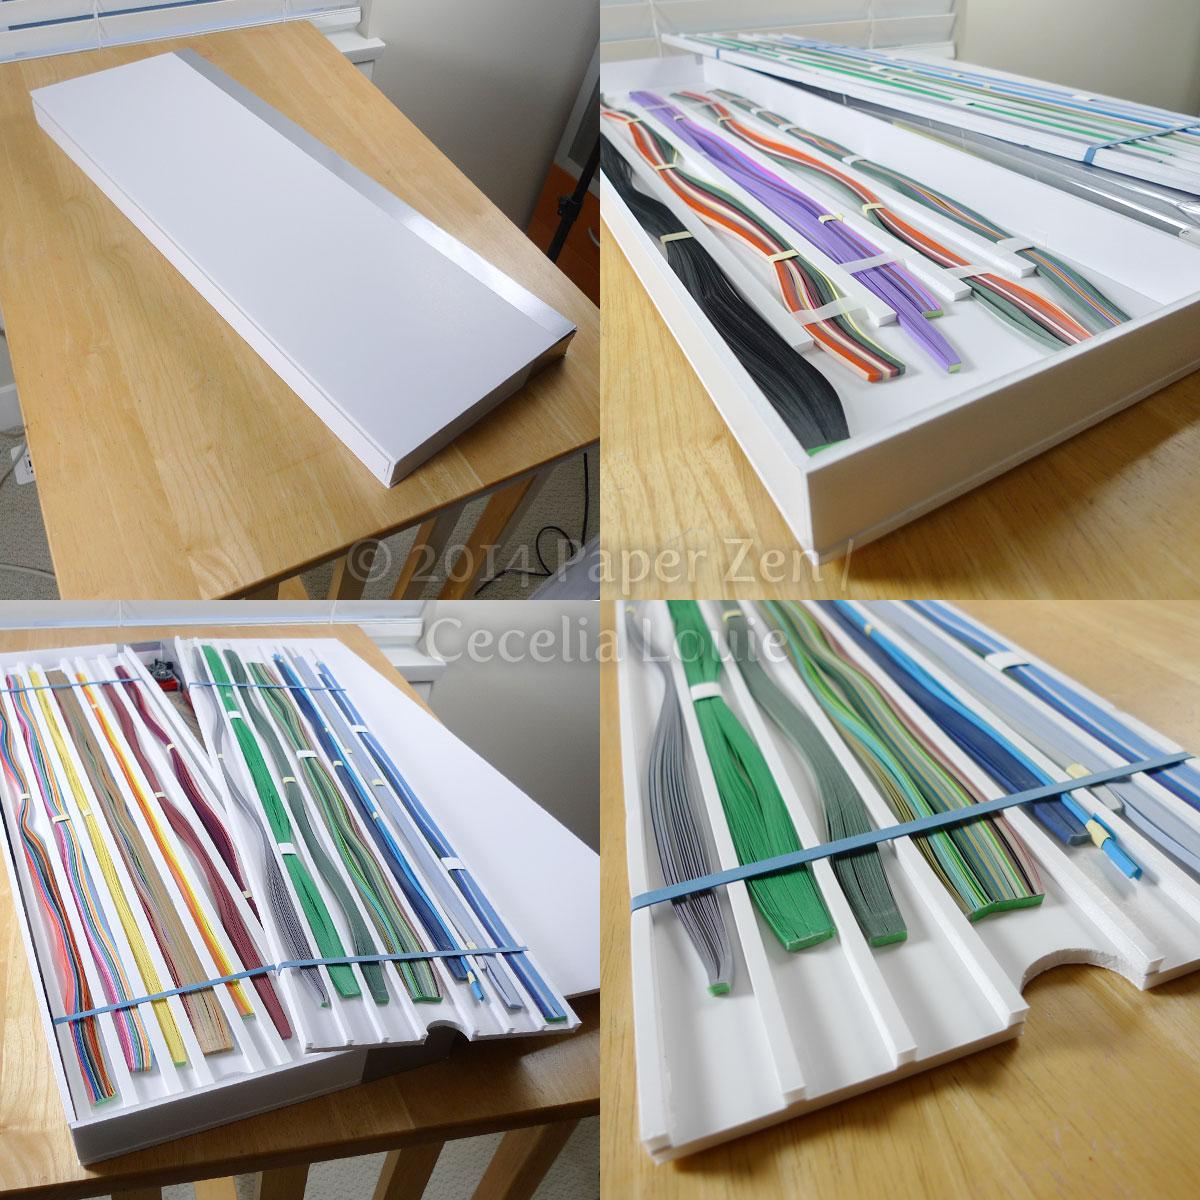 paper zen quilling paper storage